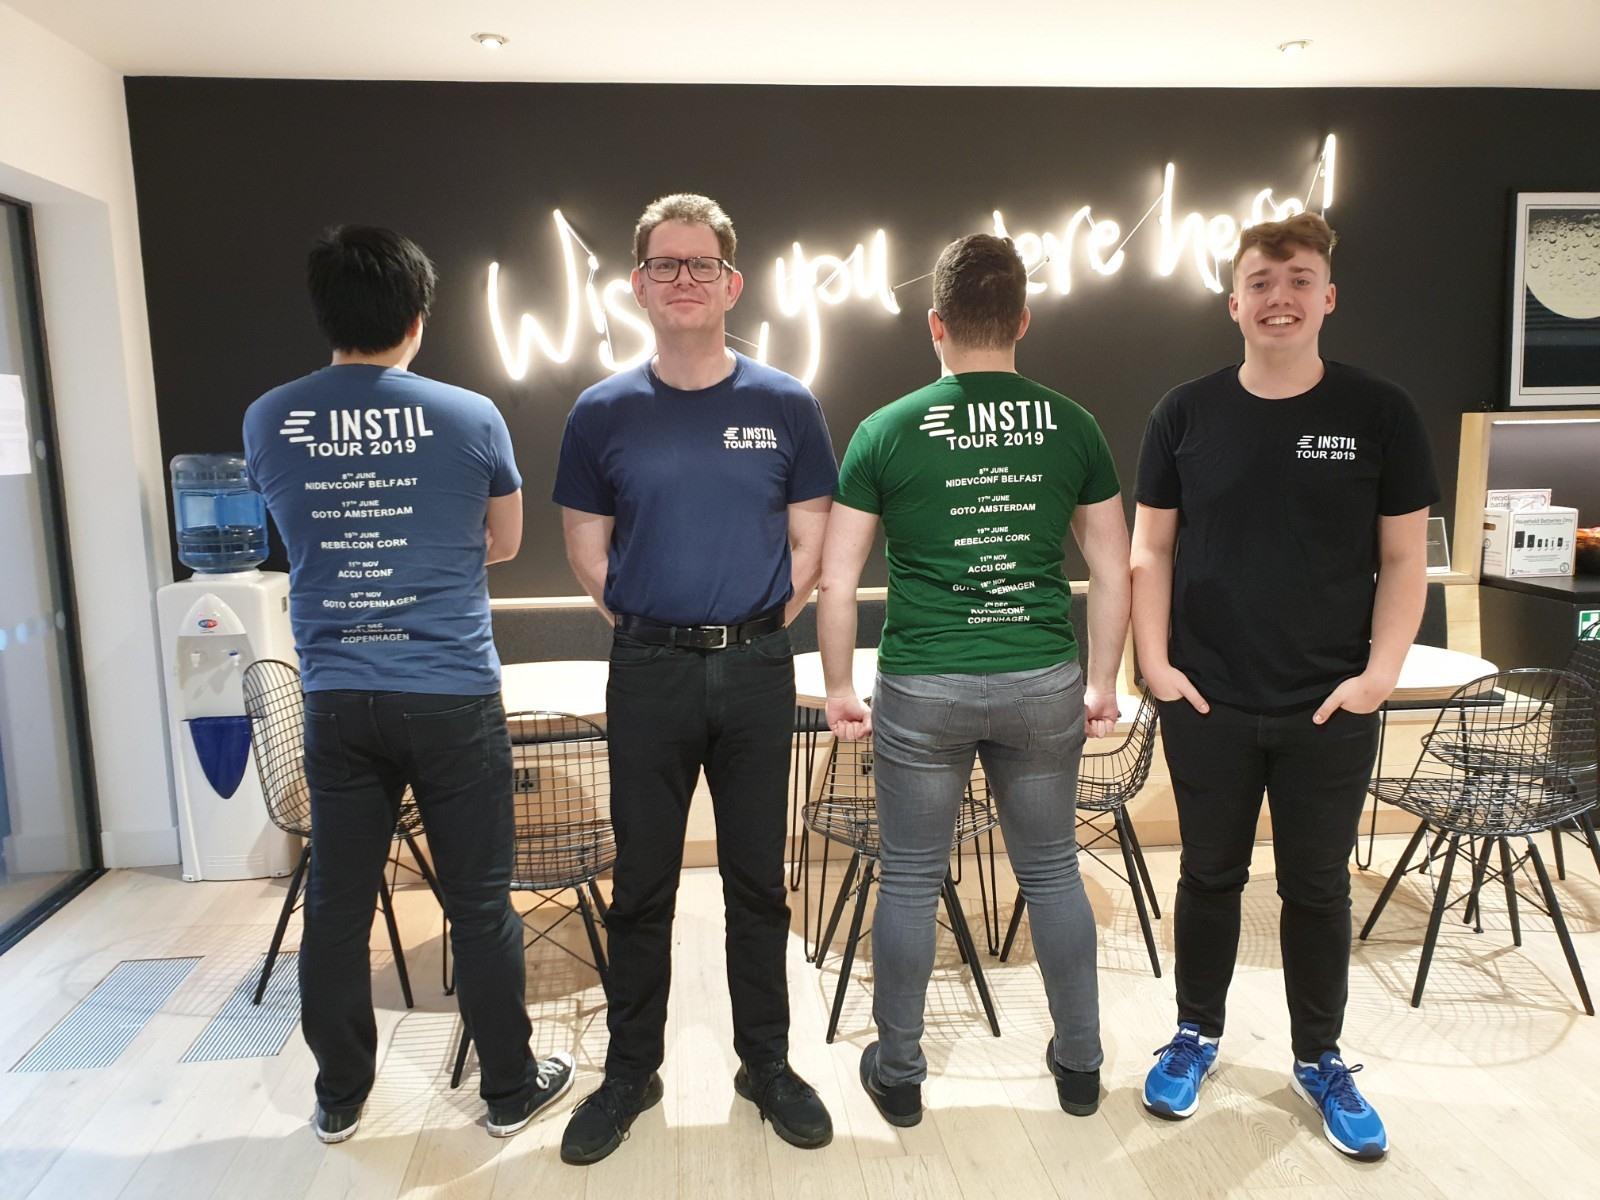 InstilOnTourTShirts